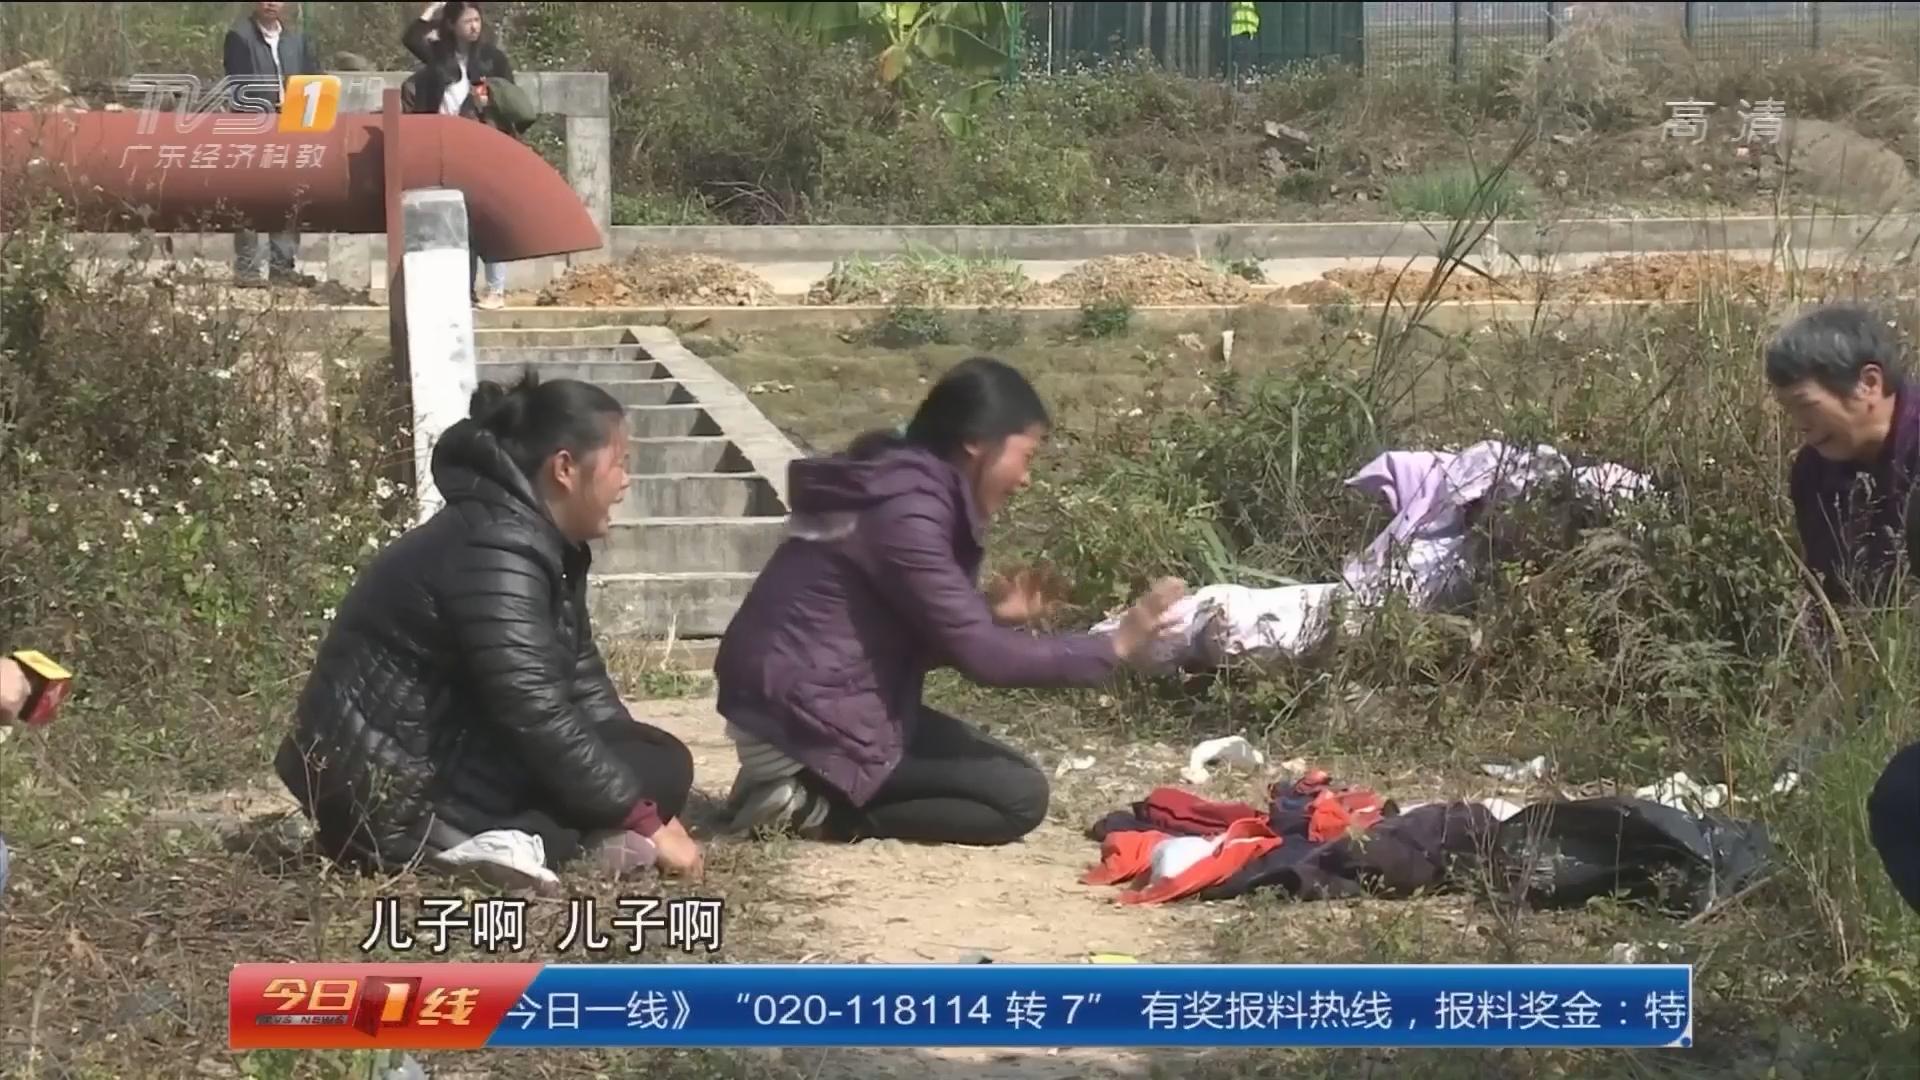 广州白云人和镇明星村:看飞机引发的悲剧 六岁男童溺亡